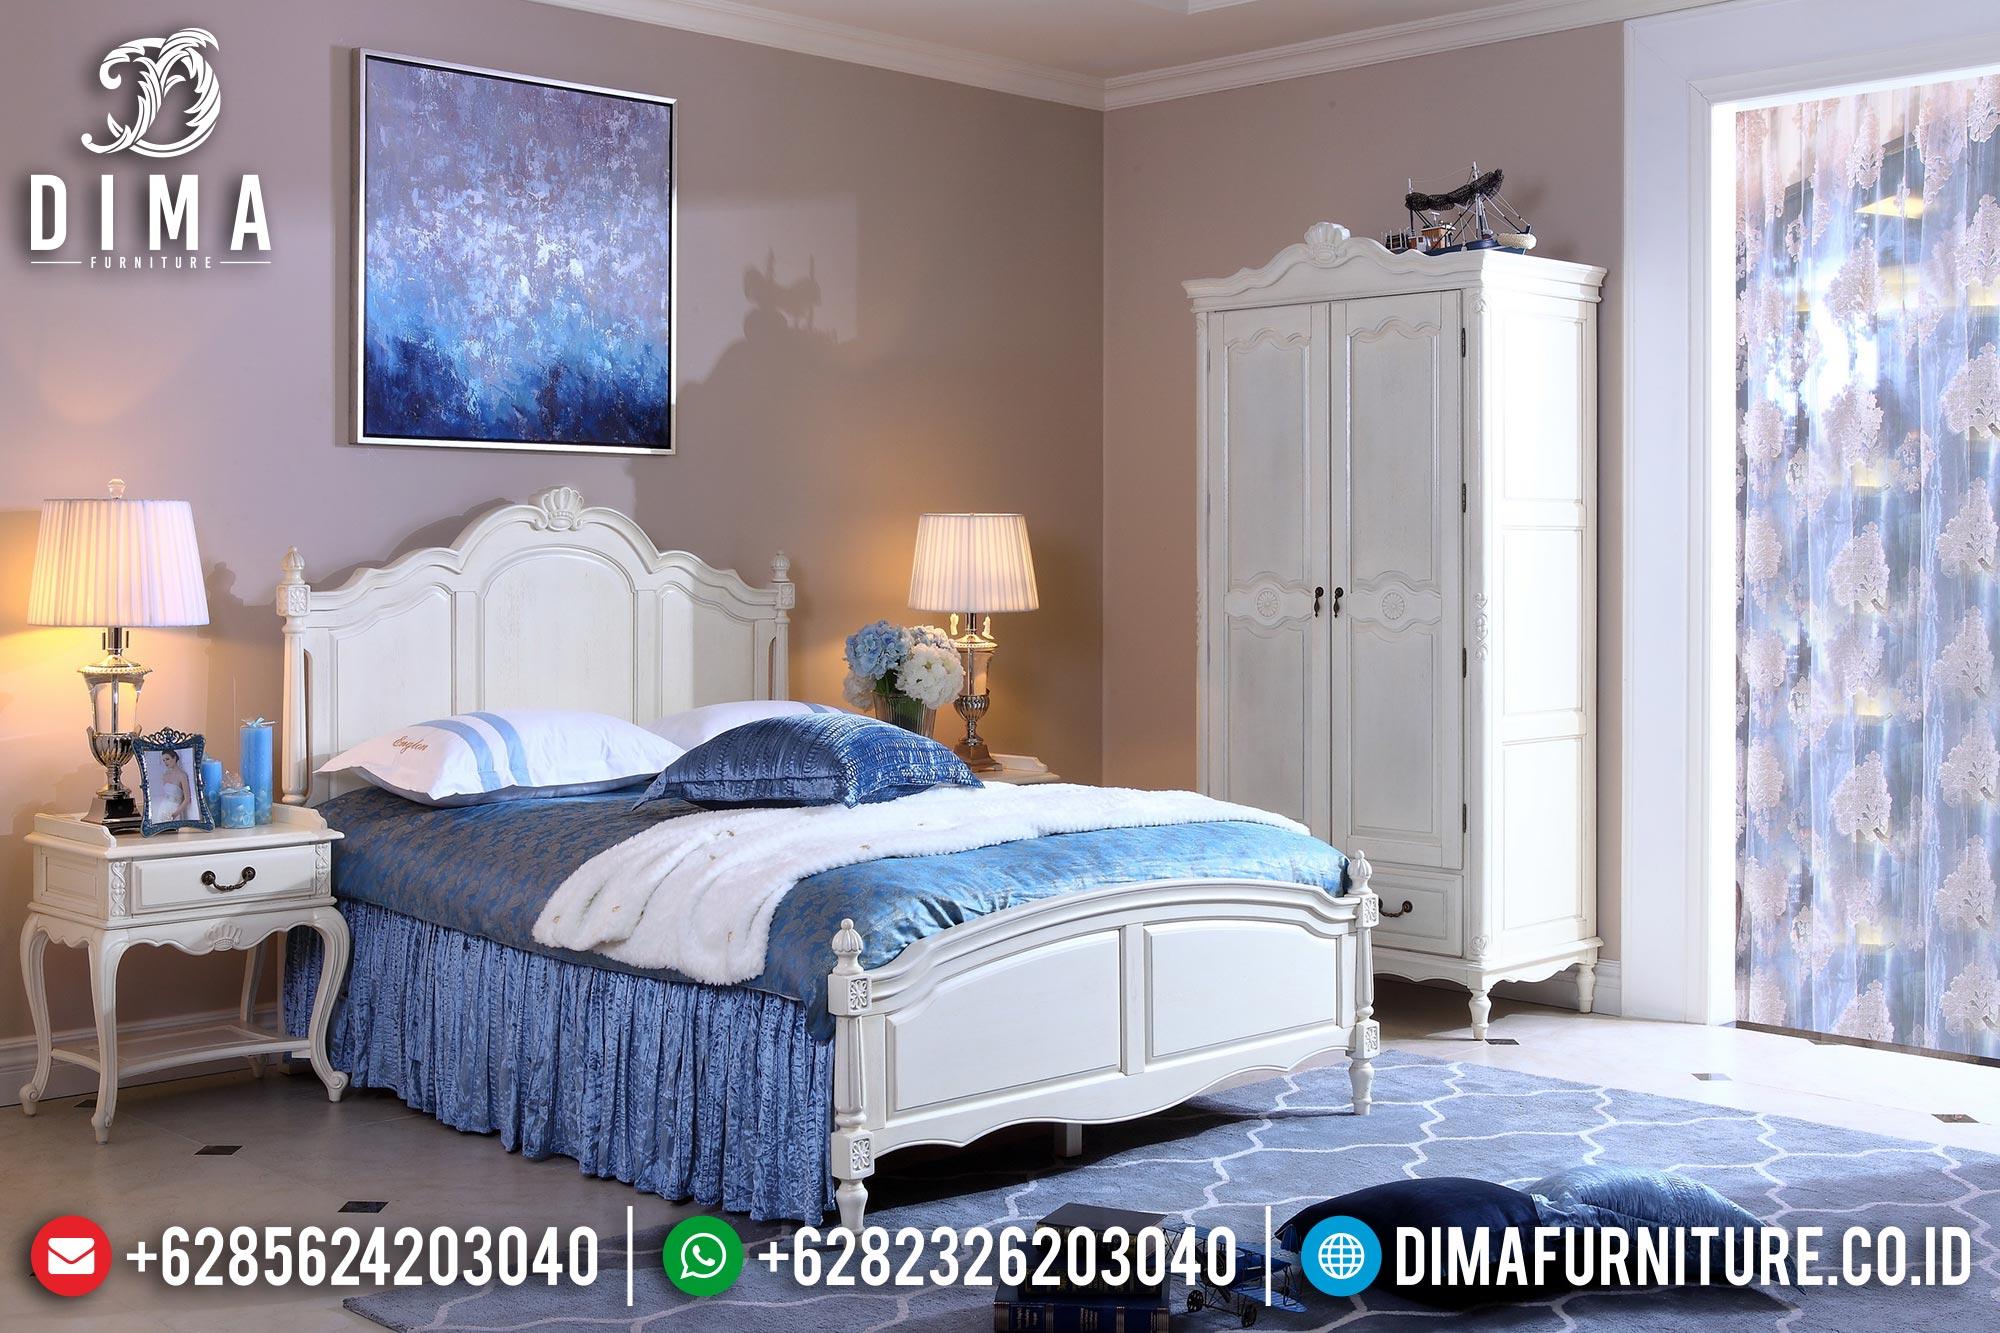 Mebel Jepara Set Tempat Tidur Minimalis Mewah Terbaru DF-0343